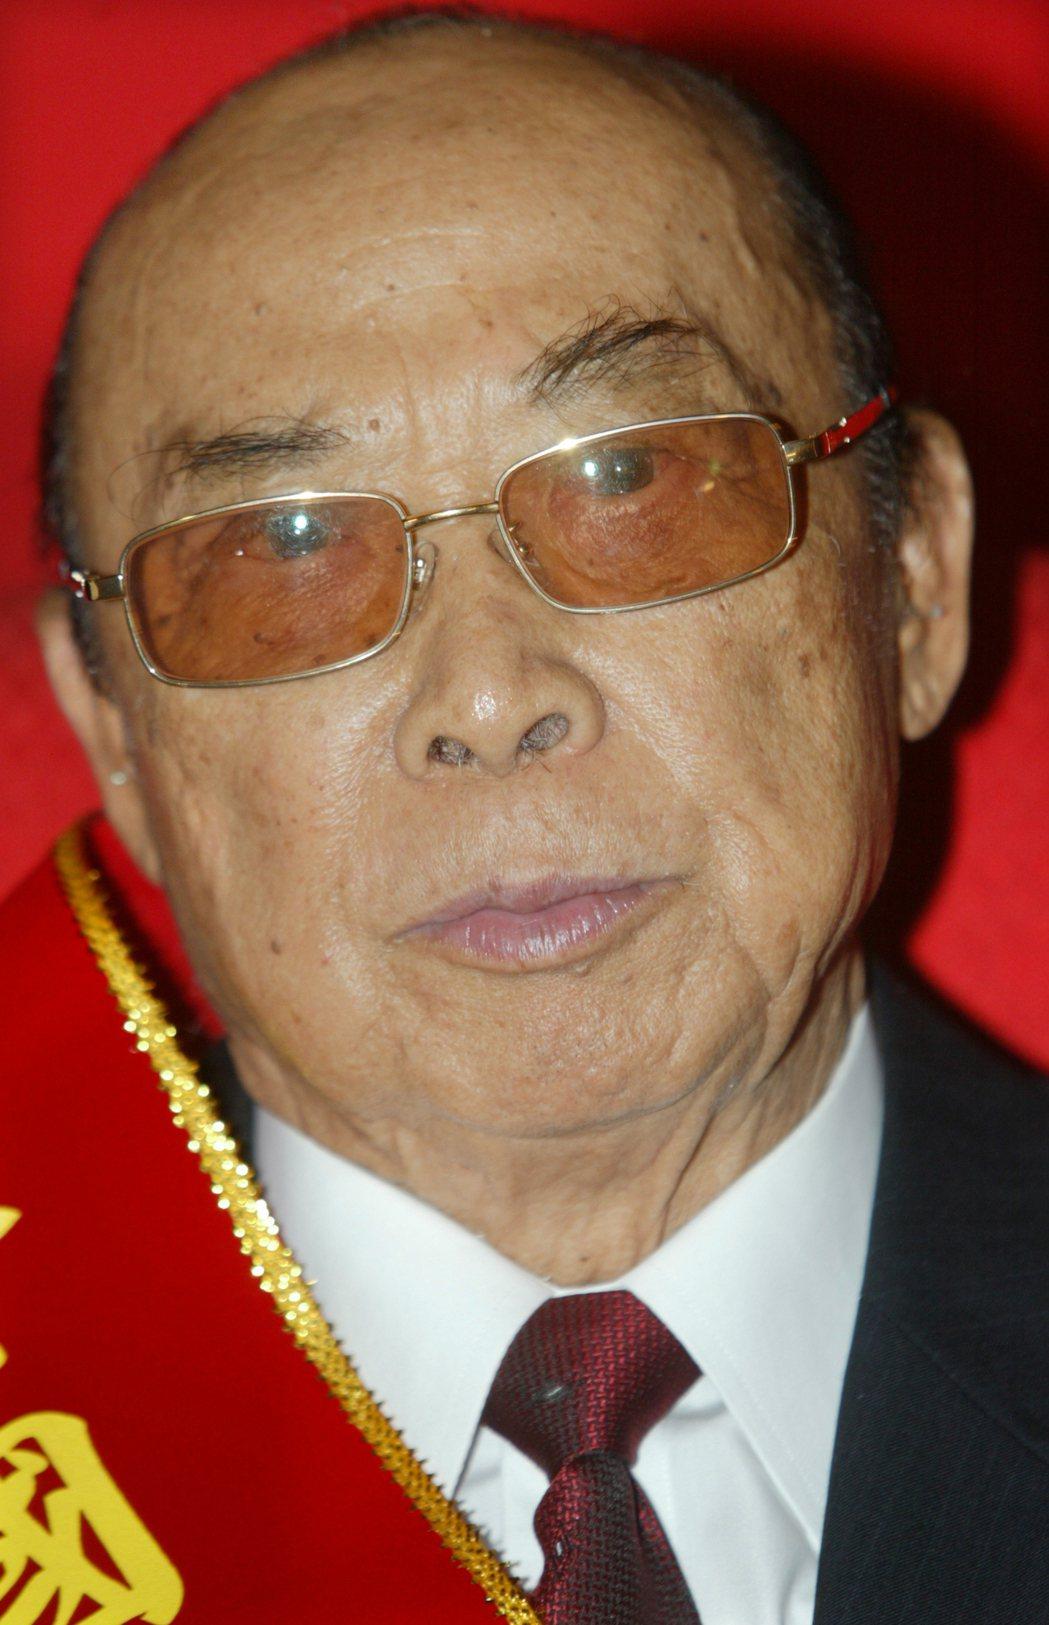 藝人張菲、費玉清的父親張舞曦2009年(圖)接受模範父親表揚。圖/聯合報系資料照